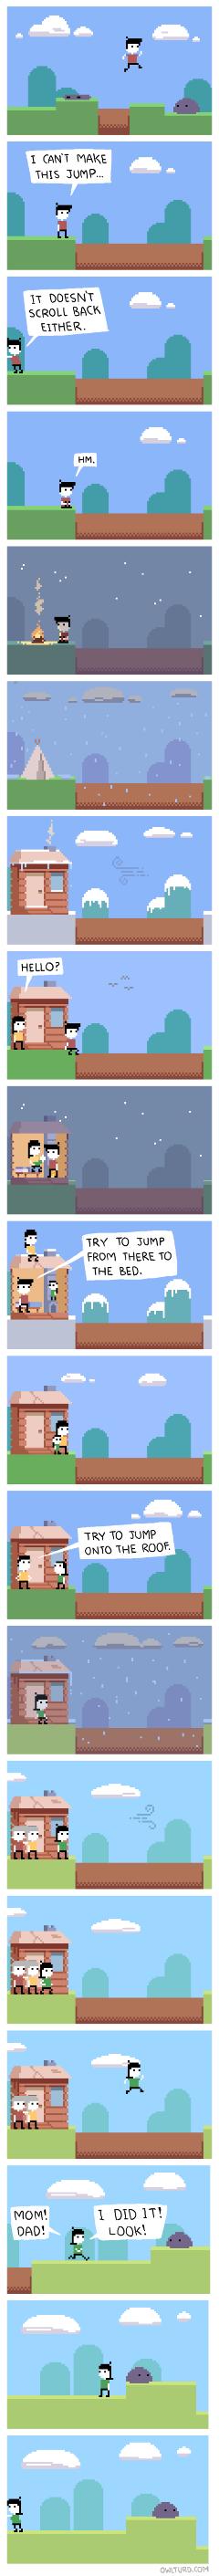 Une histoire de jump